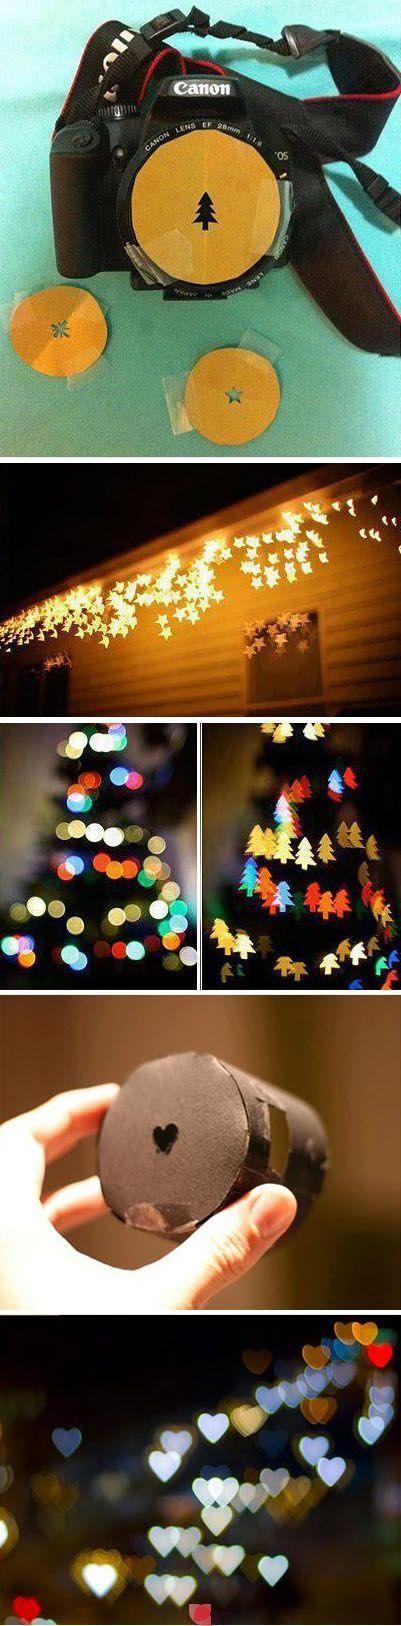 Alles für deine Kamera unter: www.designstraps.de   Fotokunst